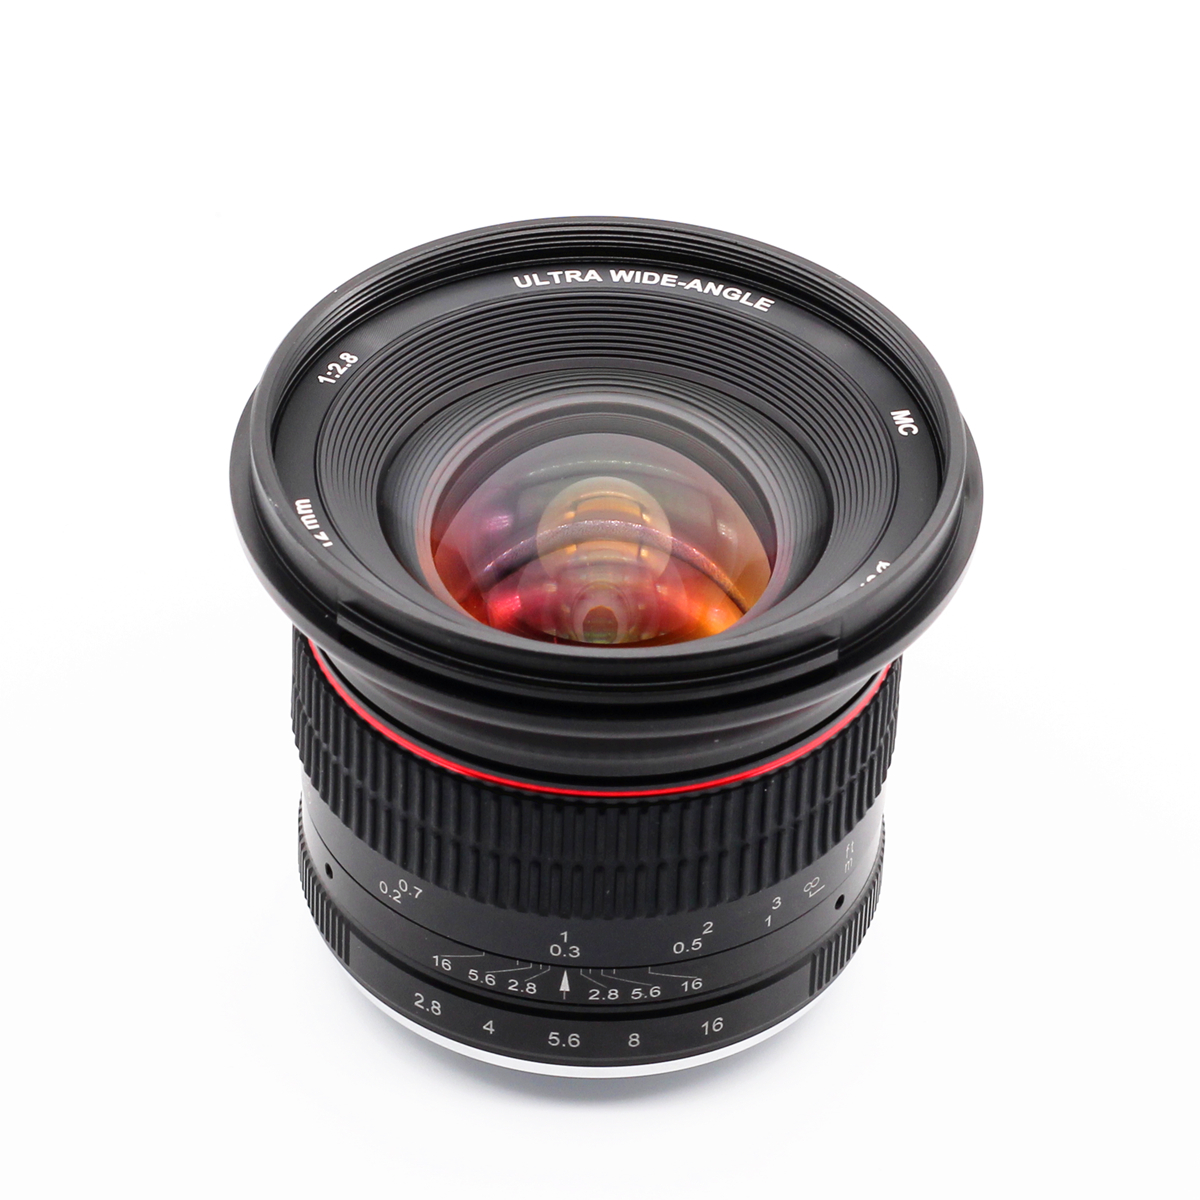 12mm f/2.8 Wide Angle Manual MFT Lens for Panasonic Olympus M43 Micro 4/3 E-P5 E-M5 E-M10 Mark II III GX9 GX85 G90 G9 12 mm F2.812mm f/2.8 Wide Angle Manual MFT Lens for Panasonic Olympus M43 Micro 4/3 E-P5 E-M5 E-M10 Mark II III GX9 GX85 G90 G9 12 mm F2.8